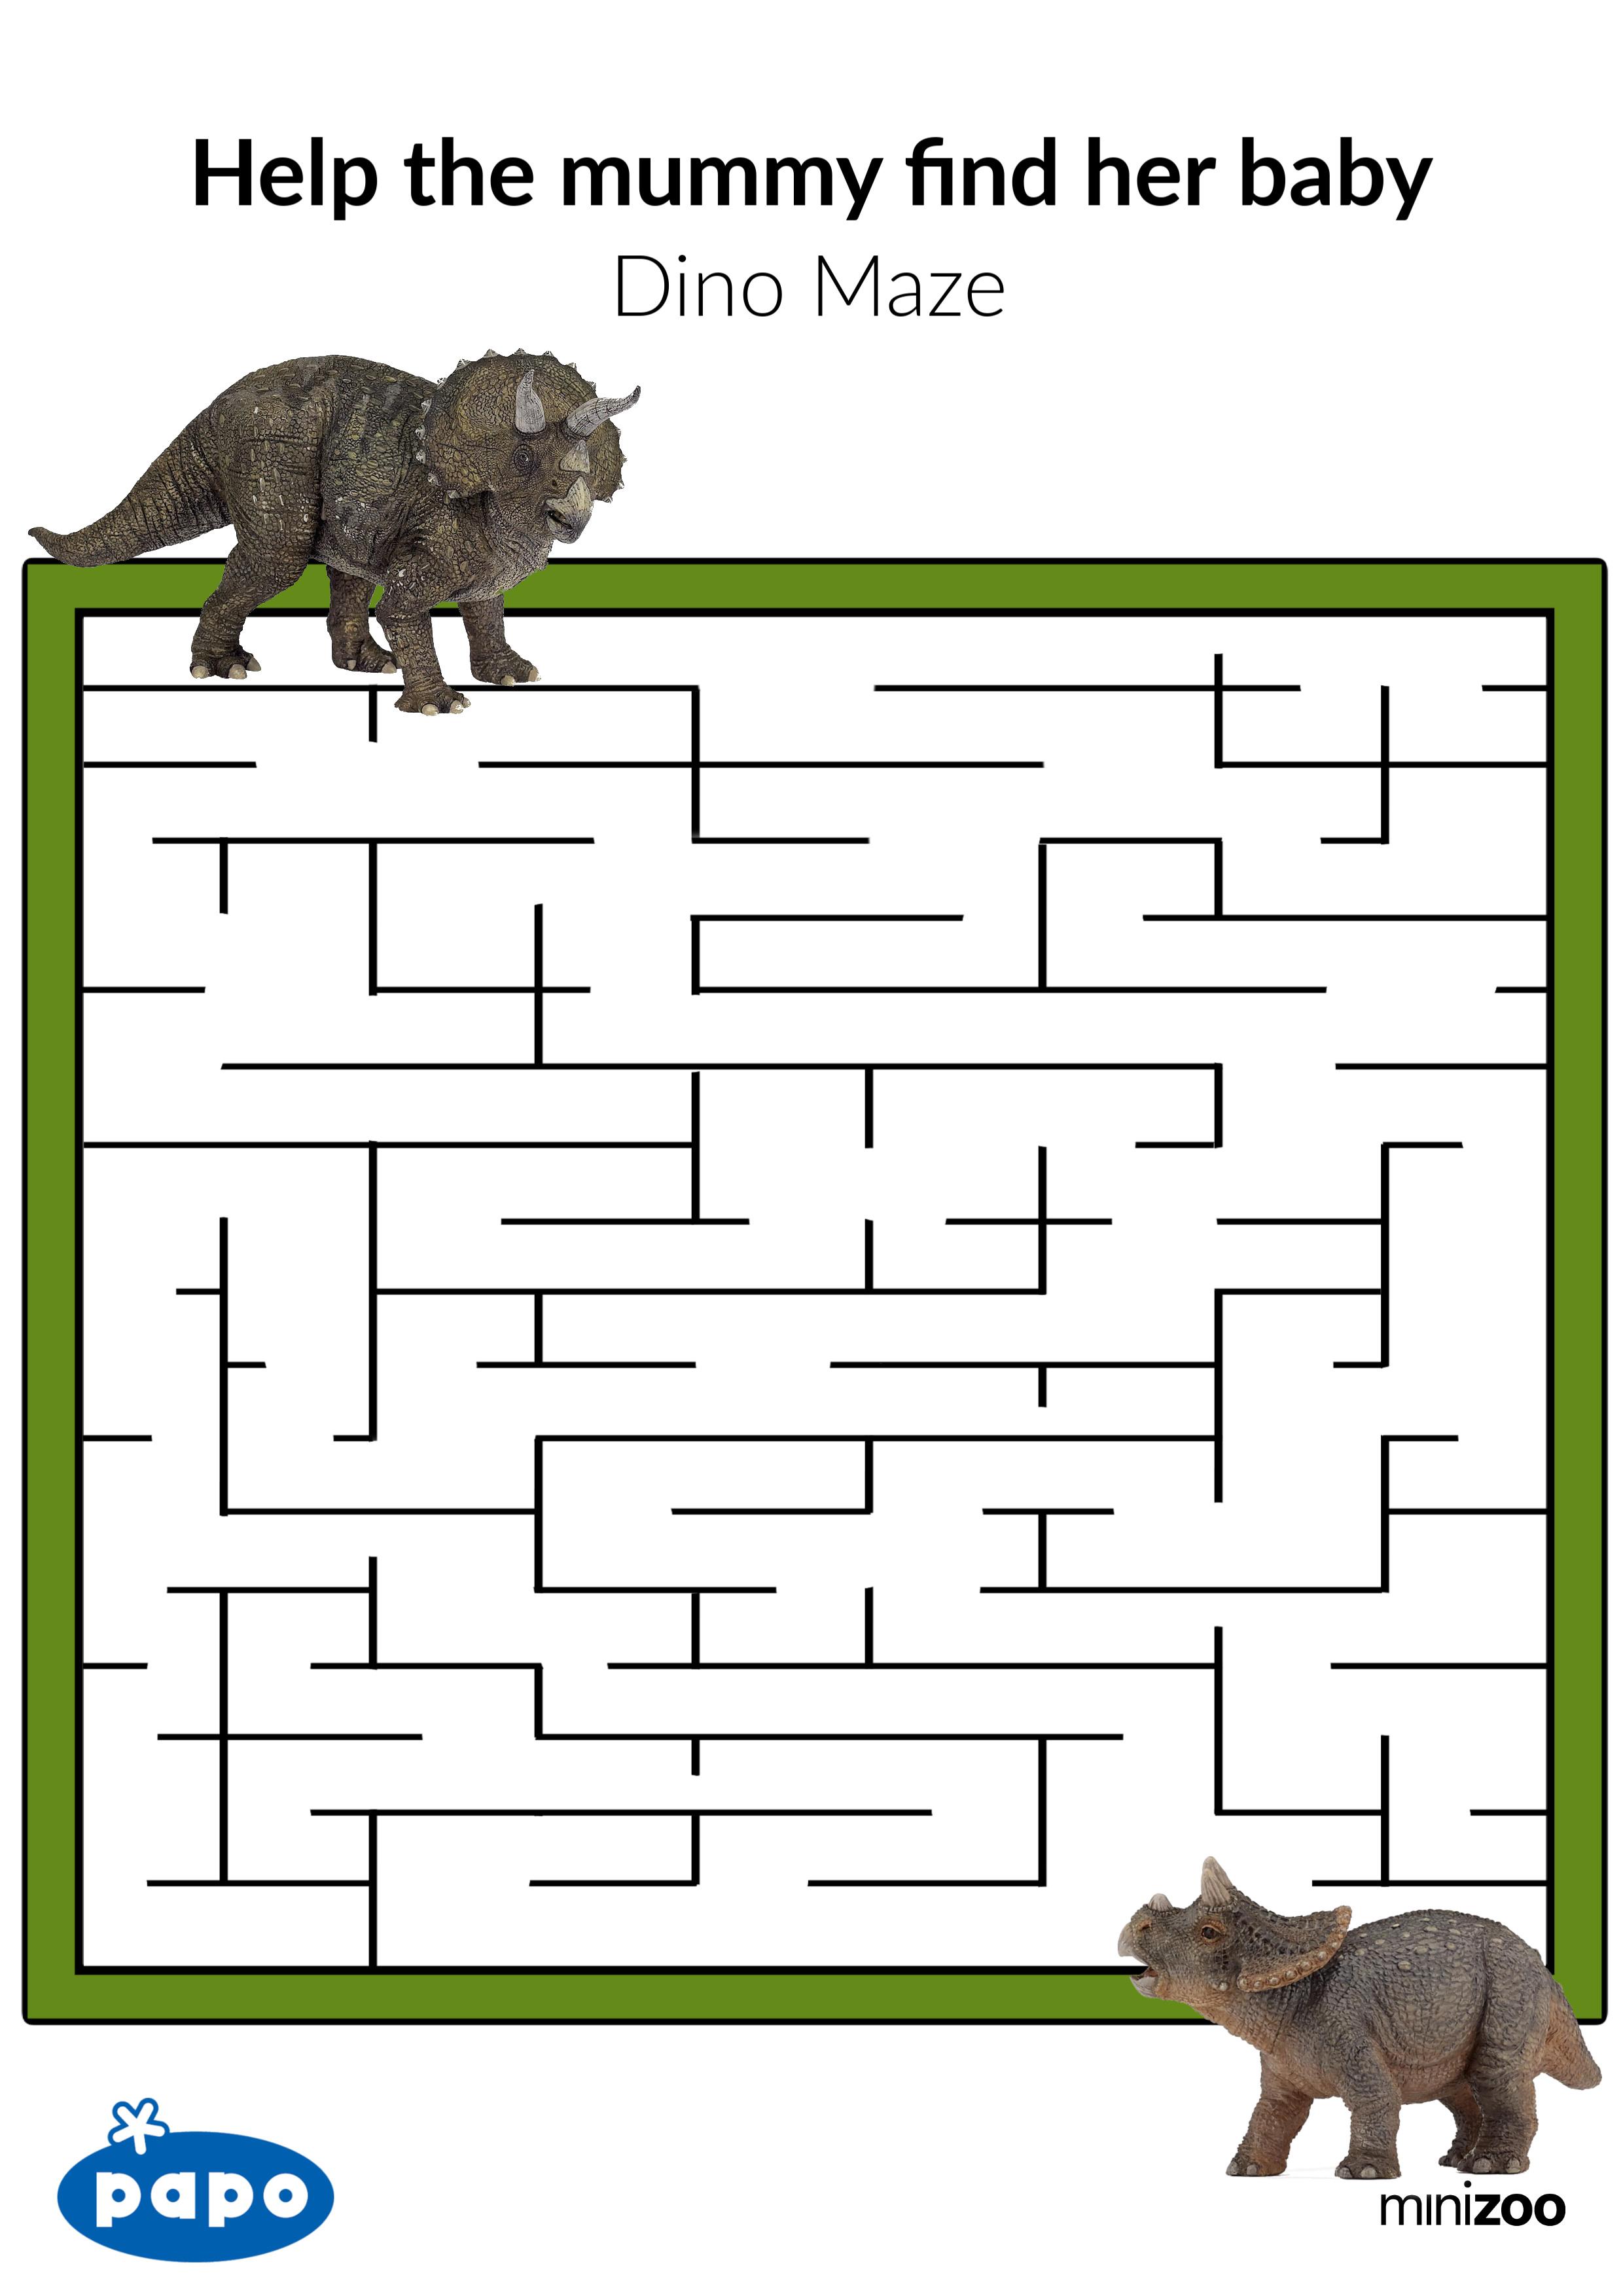 a4-paper-papo-dino-maze-final.jpg